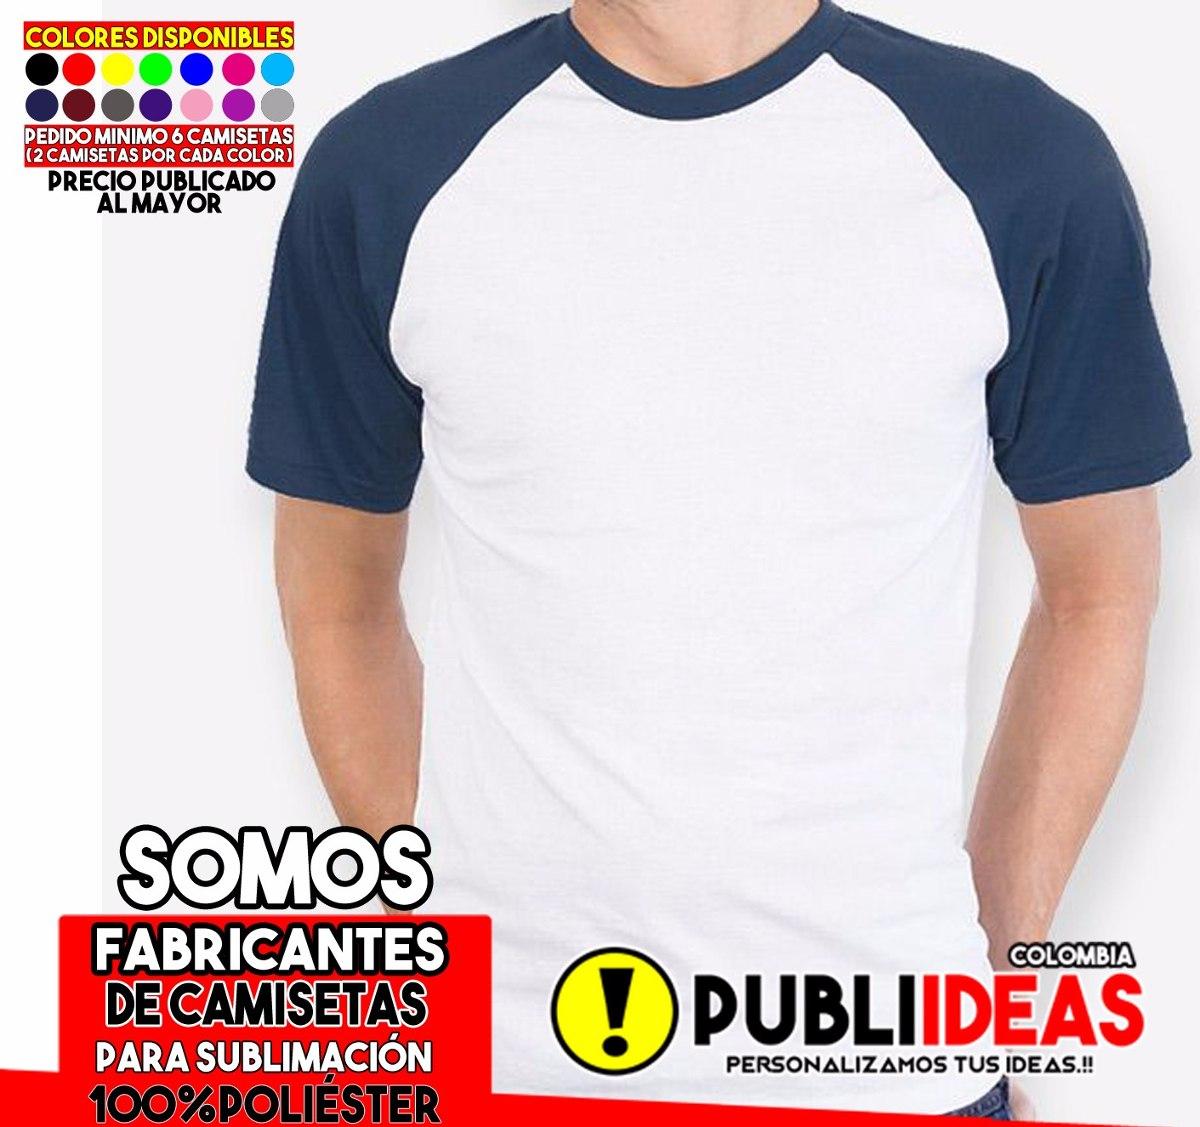 c2a4827b12 Camisetas Manga Ranglan De Sublimacion 100%poliester -   11.000 en ...